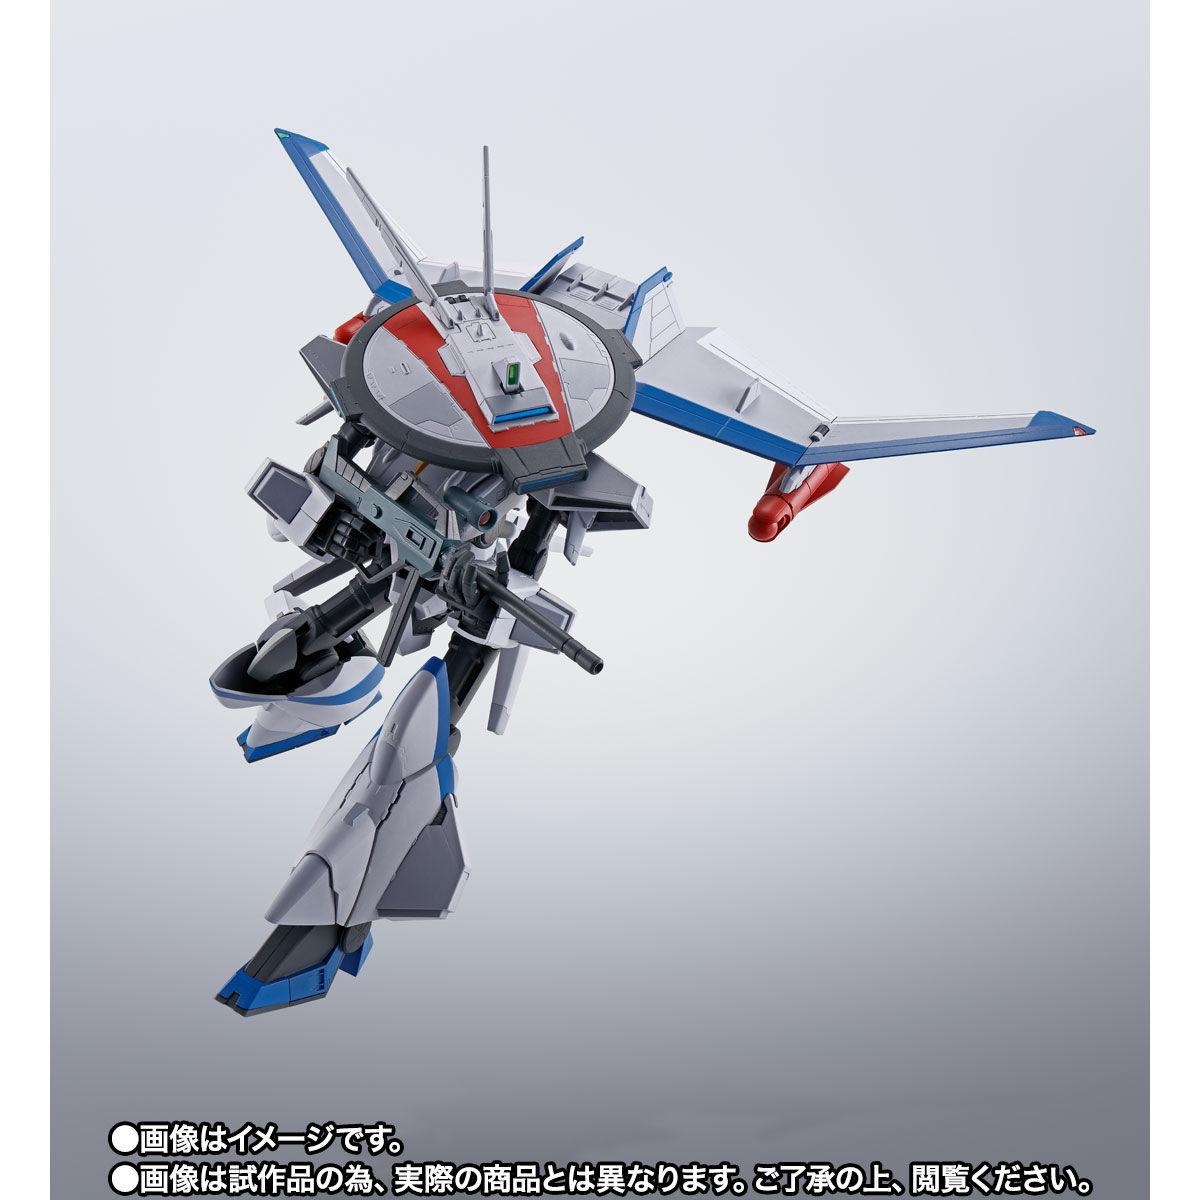 【限定販売】HI-METAL R『ドラグナー3』機甲戦記ドラグナー 可動フィギュア-002